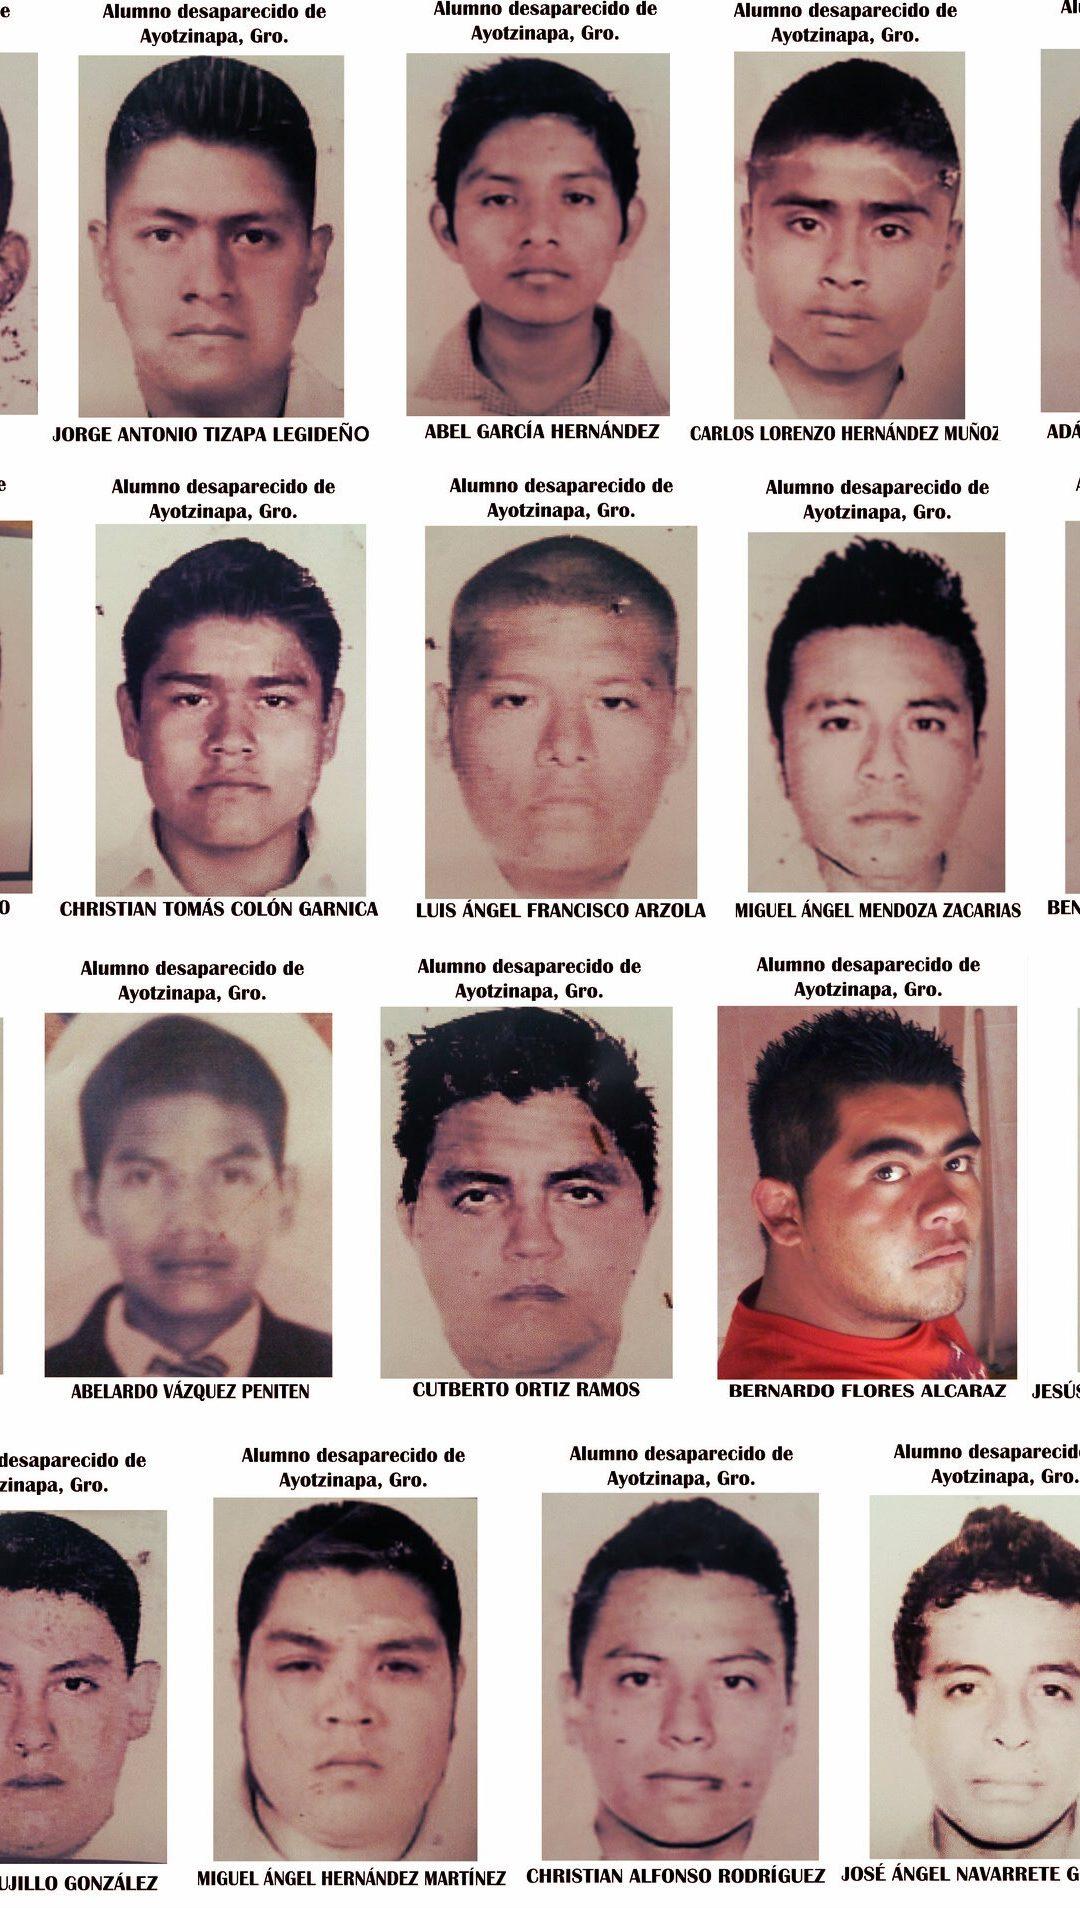 VIDEO: CONVOCAN A MEGA MARCHA #10aAcciónGlobalPorAyotzinapa